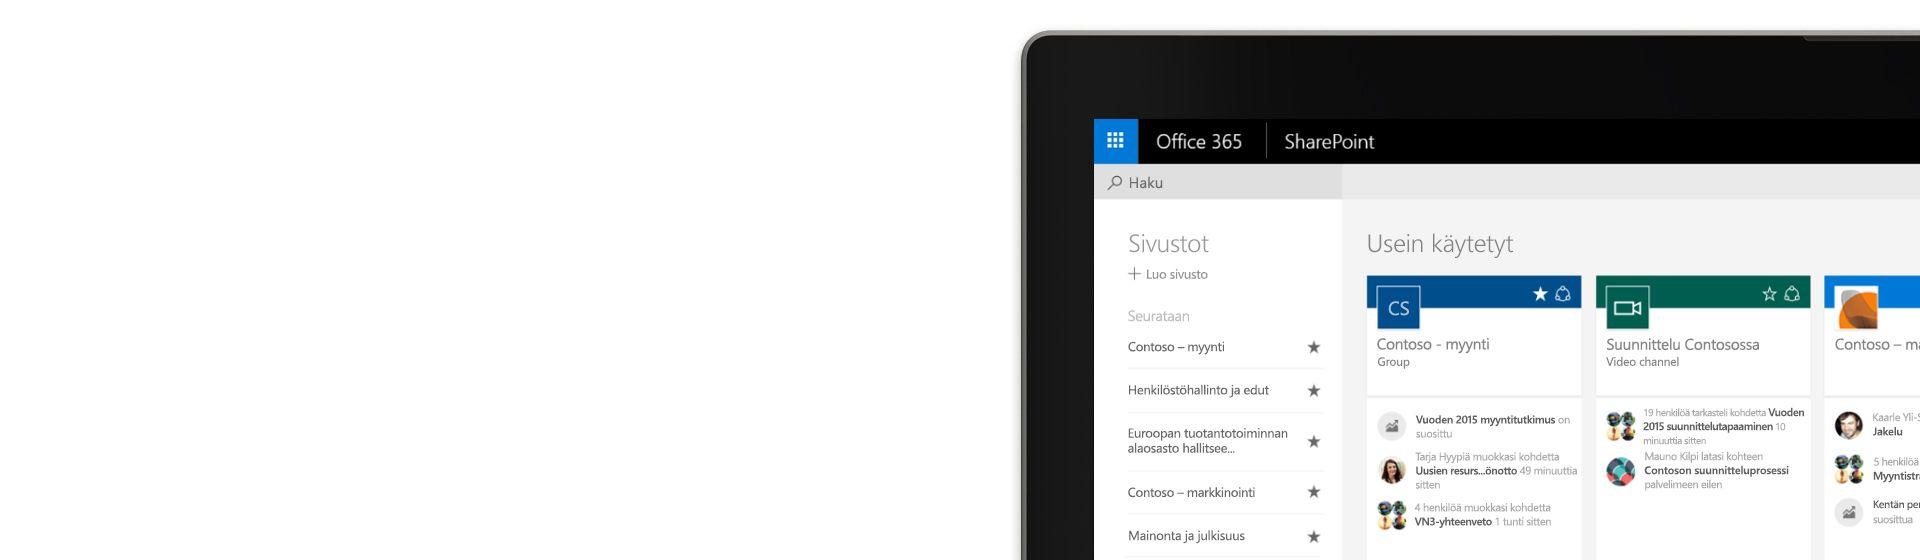 Kulma tietokoneen näytöstä, jolla näkyy Office 365:n SharePoint ja sen Contoso-esimerkkitietoja